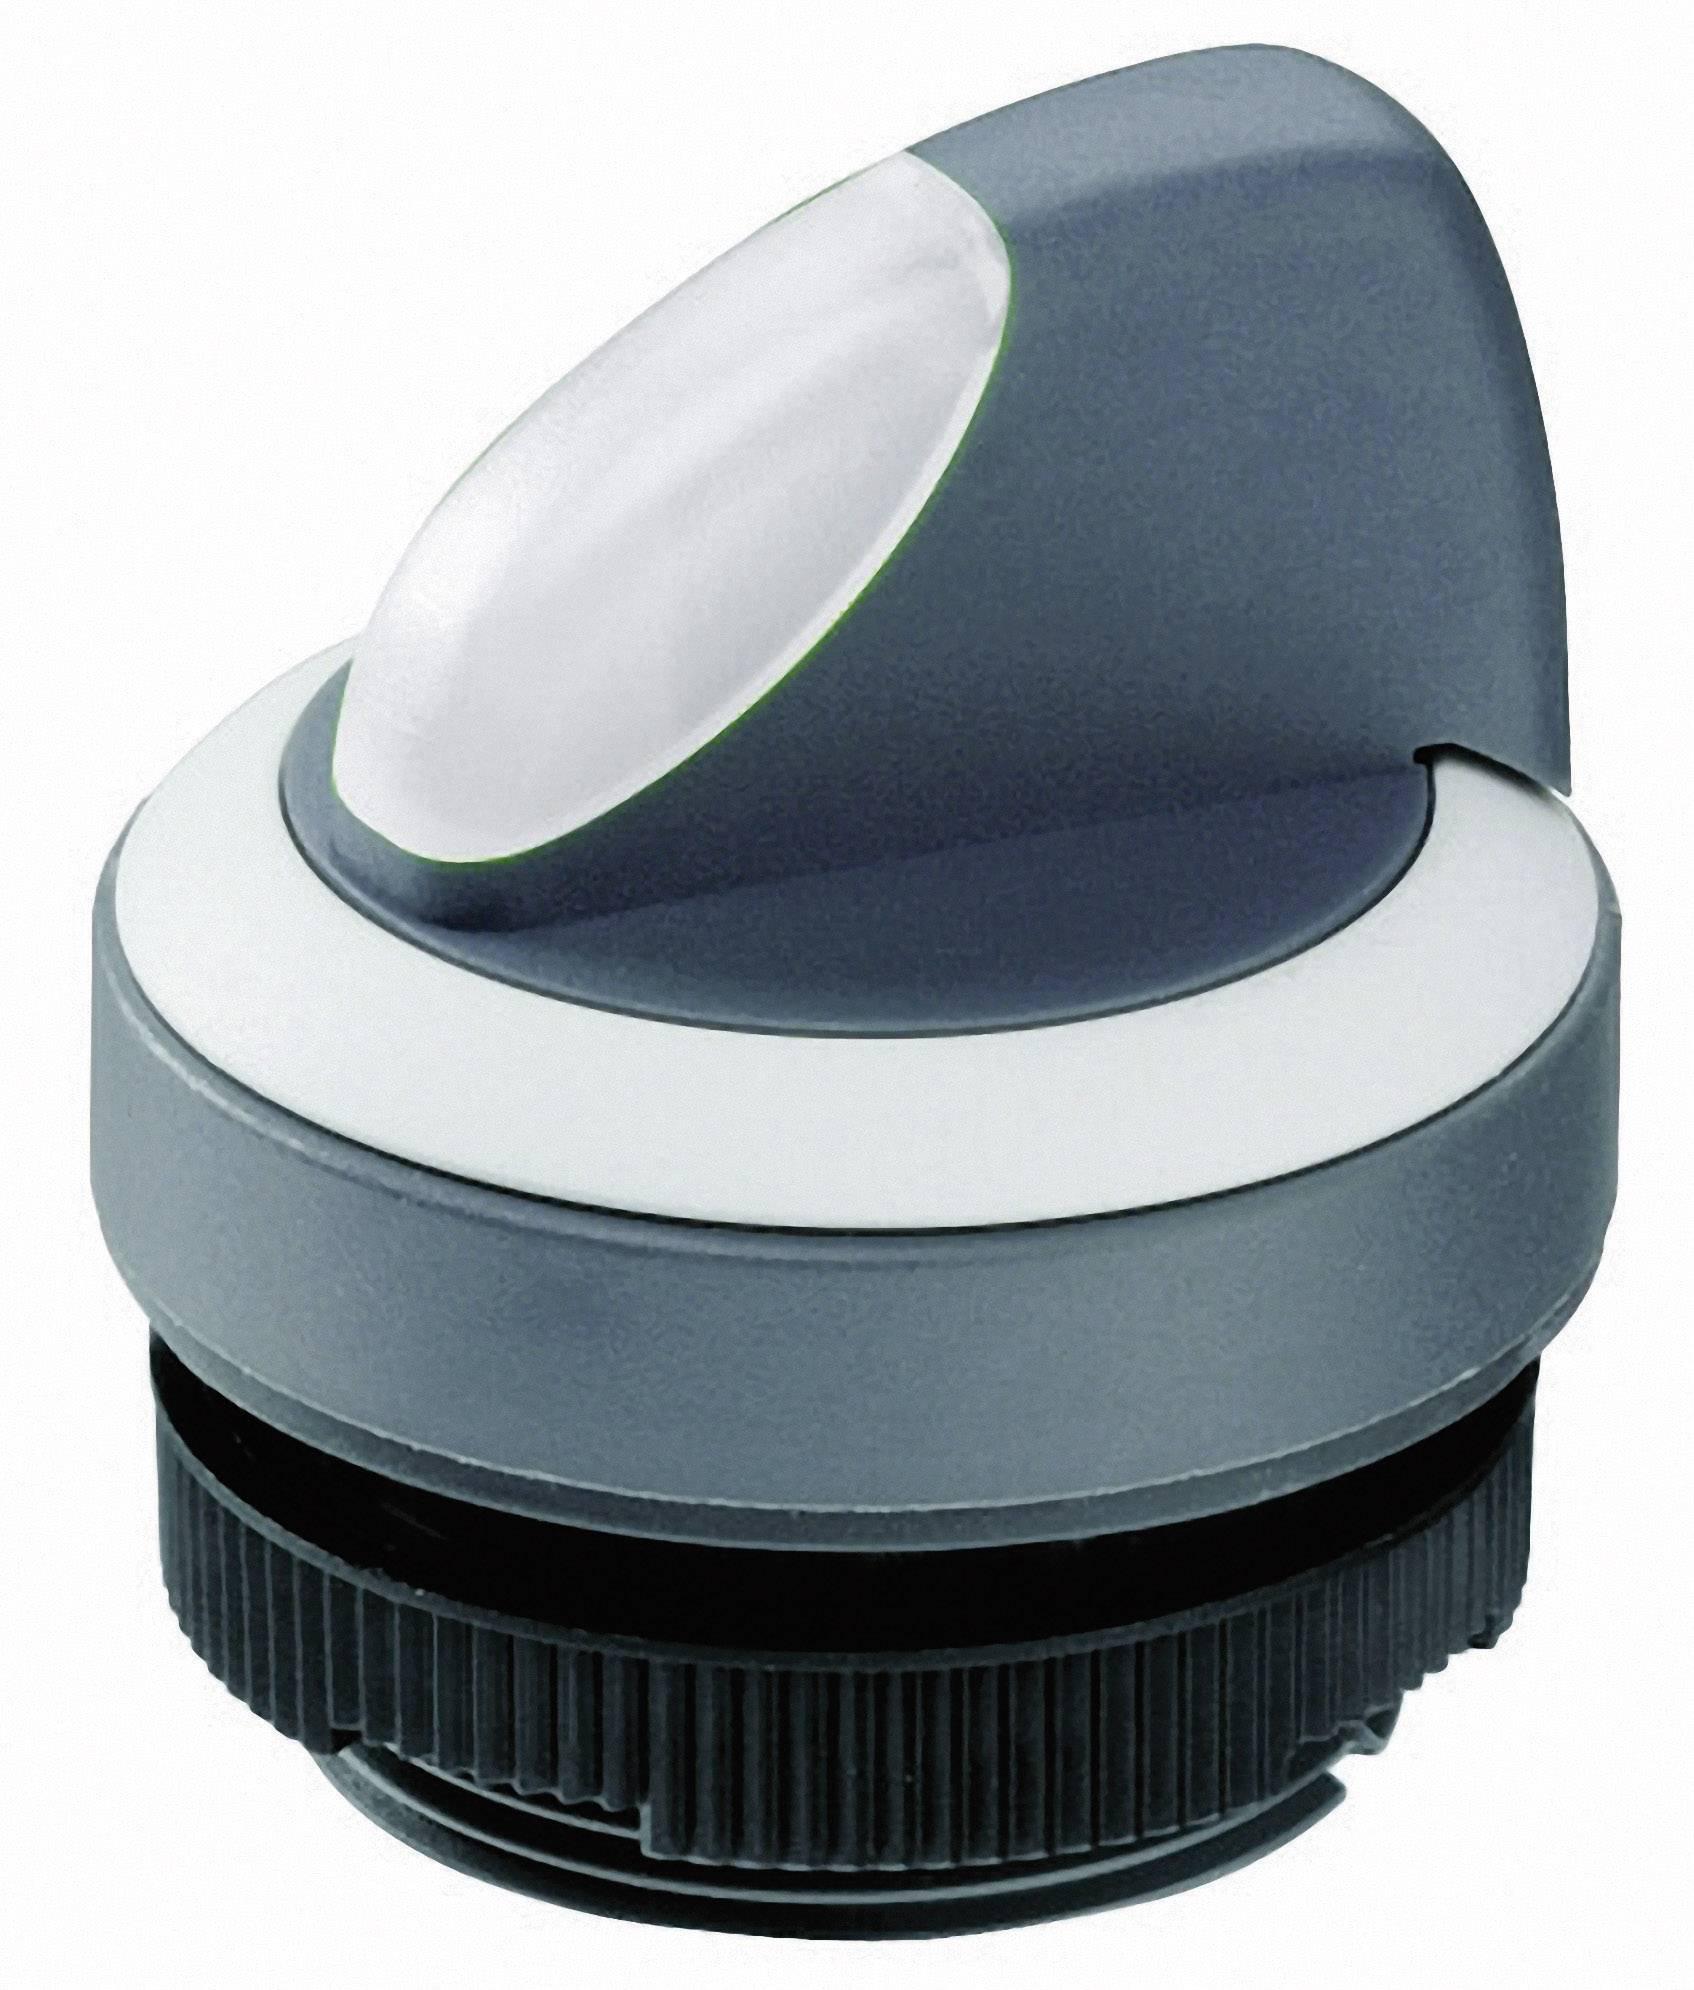 Otočný přepínač RAFI 1302721022200, 1x 90 °, 22,3 mm, černá